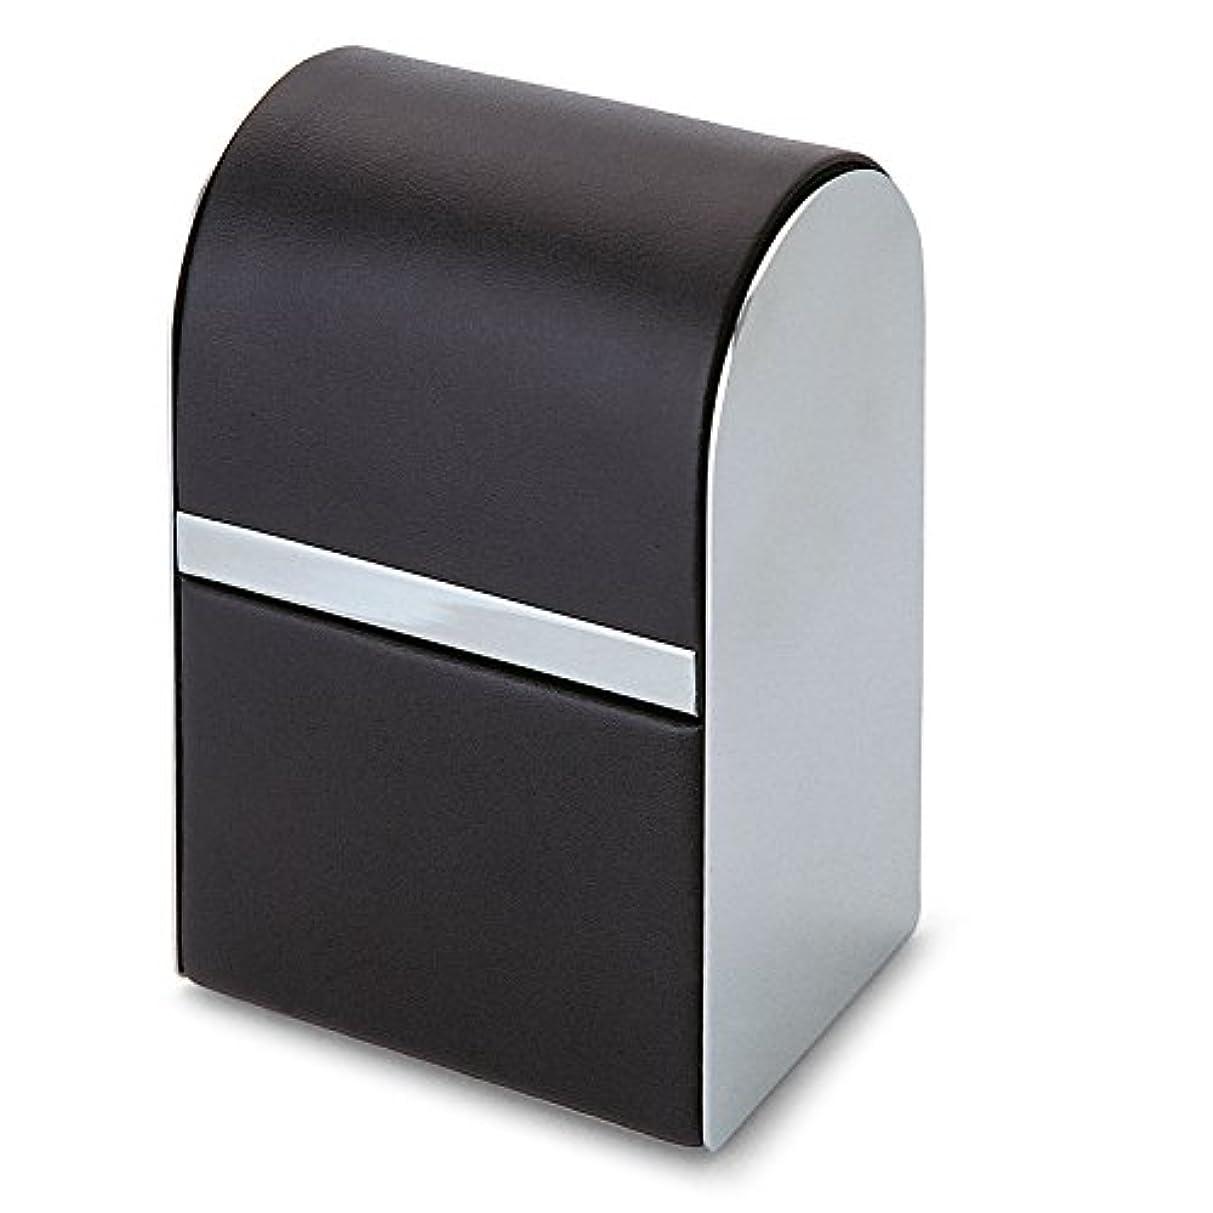 革命的販売員アヒルPhilippi Giorgio メンズ身だしなみキット 7pcsセット leather stainless polished